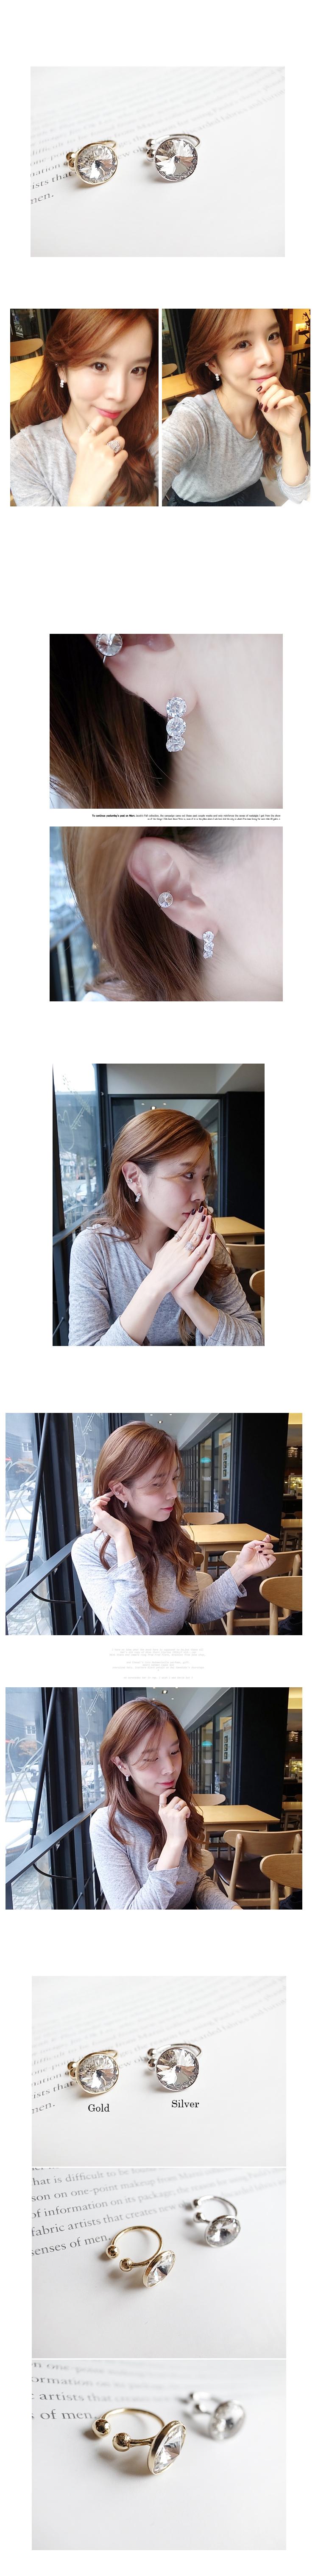 韓國 NaniWorld 閃亮風仿鑽耳骨夾 #2599 金色